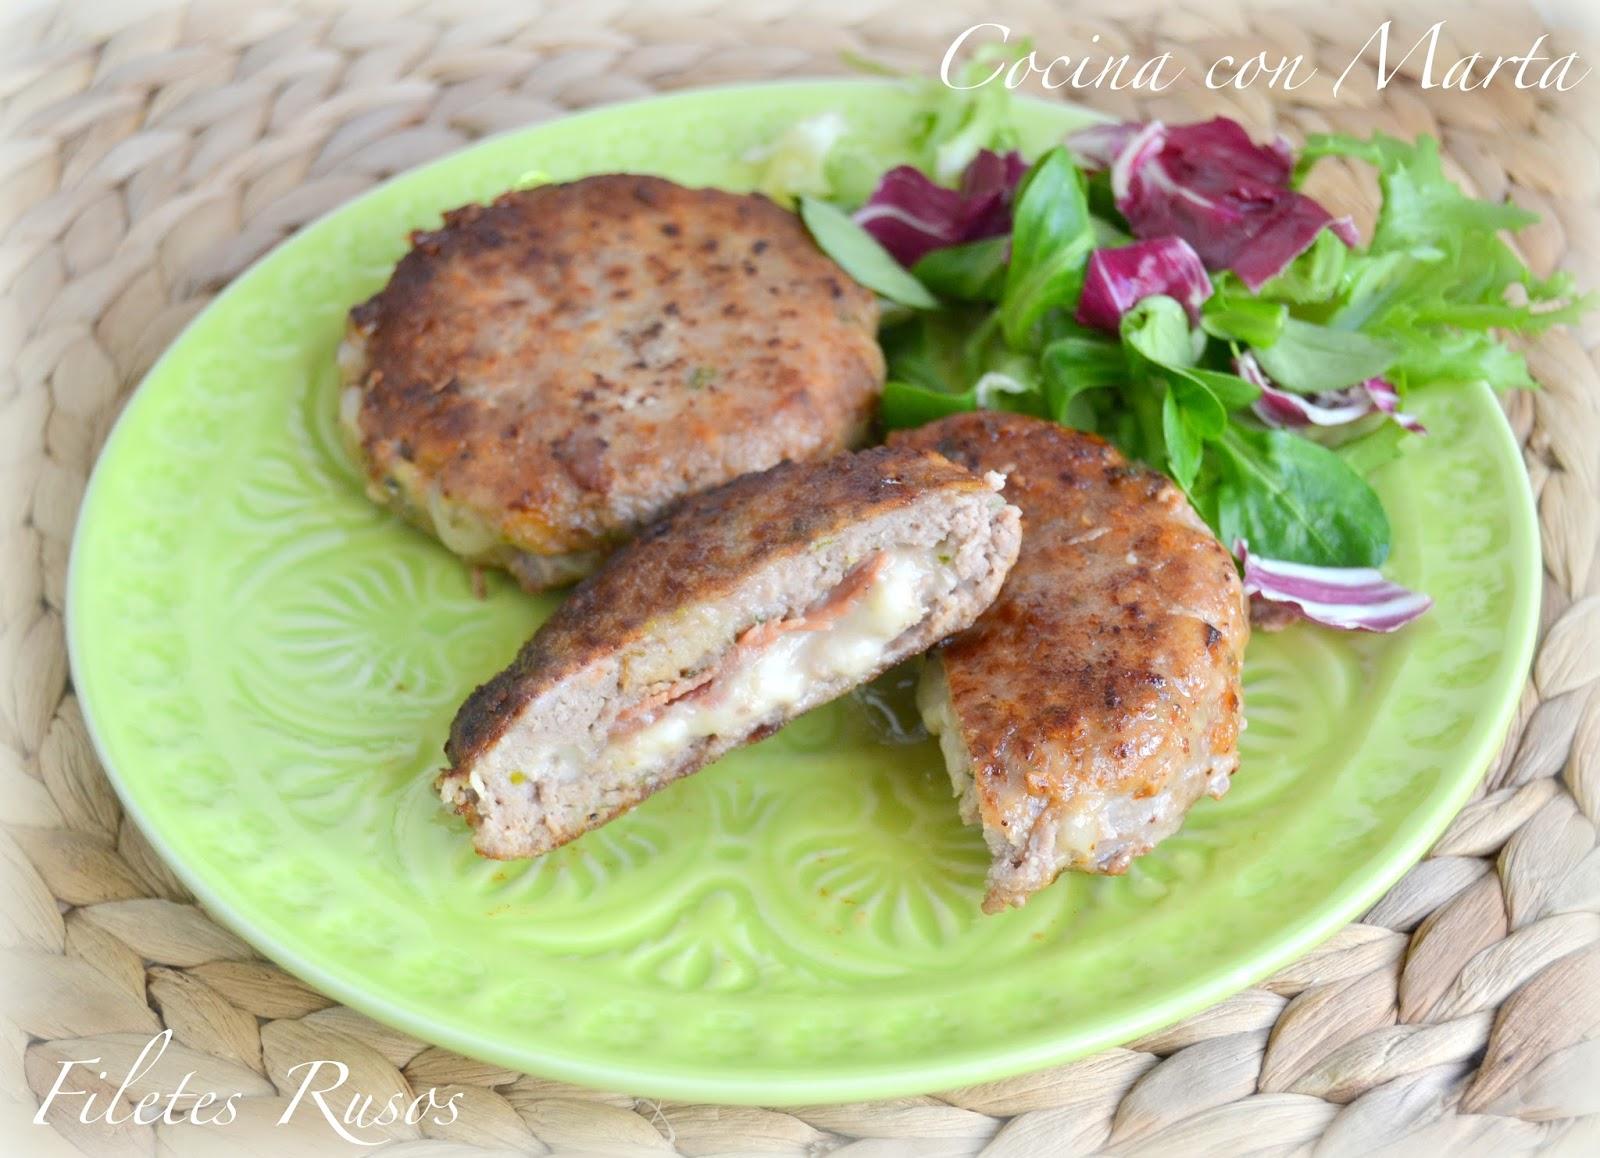 Filetes rusos hechos con carne picada, jamón y queso.